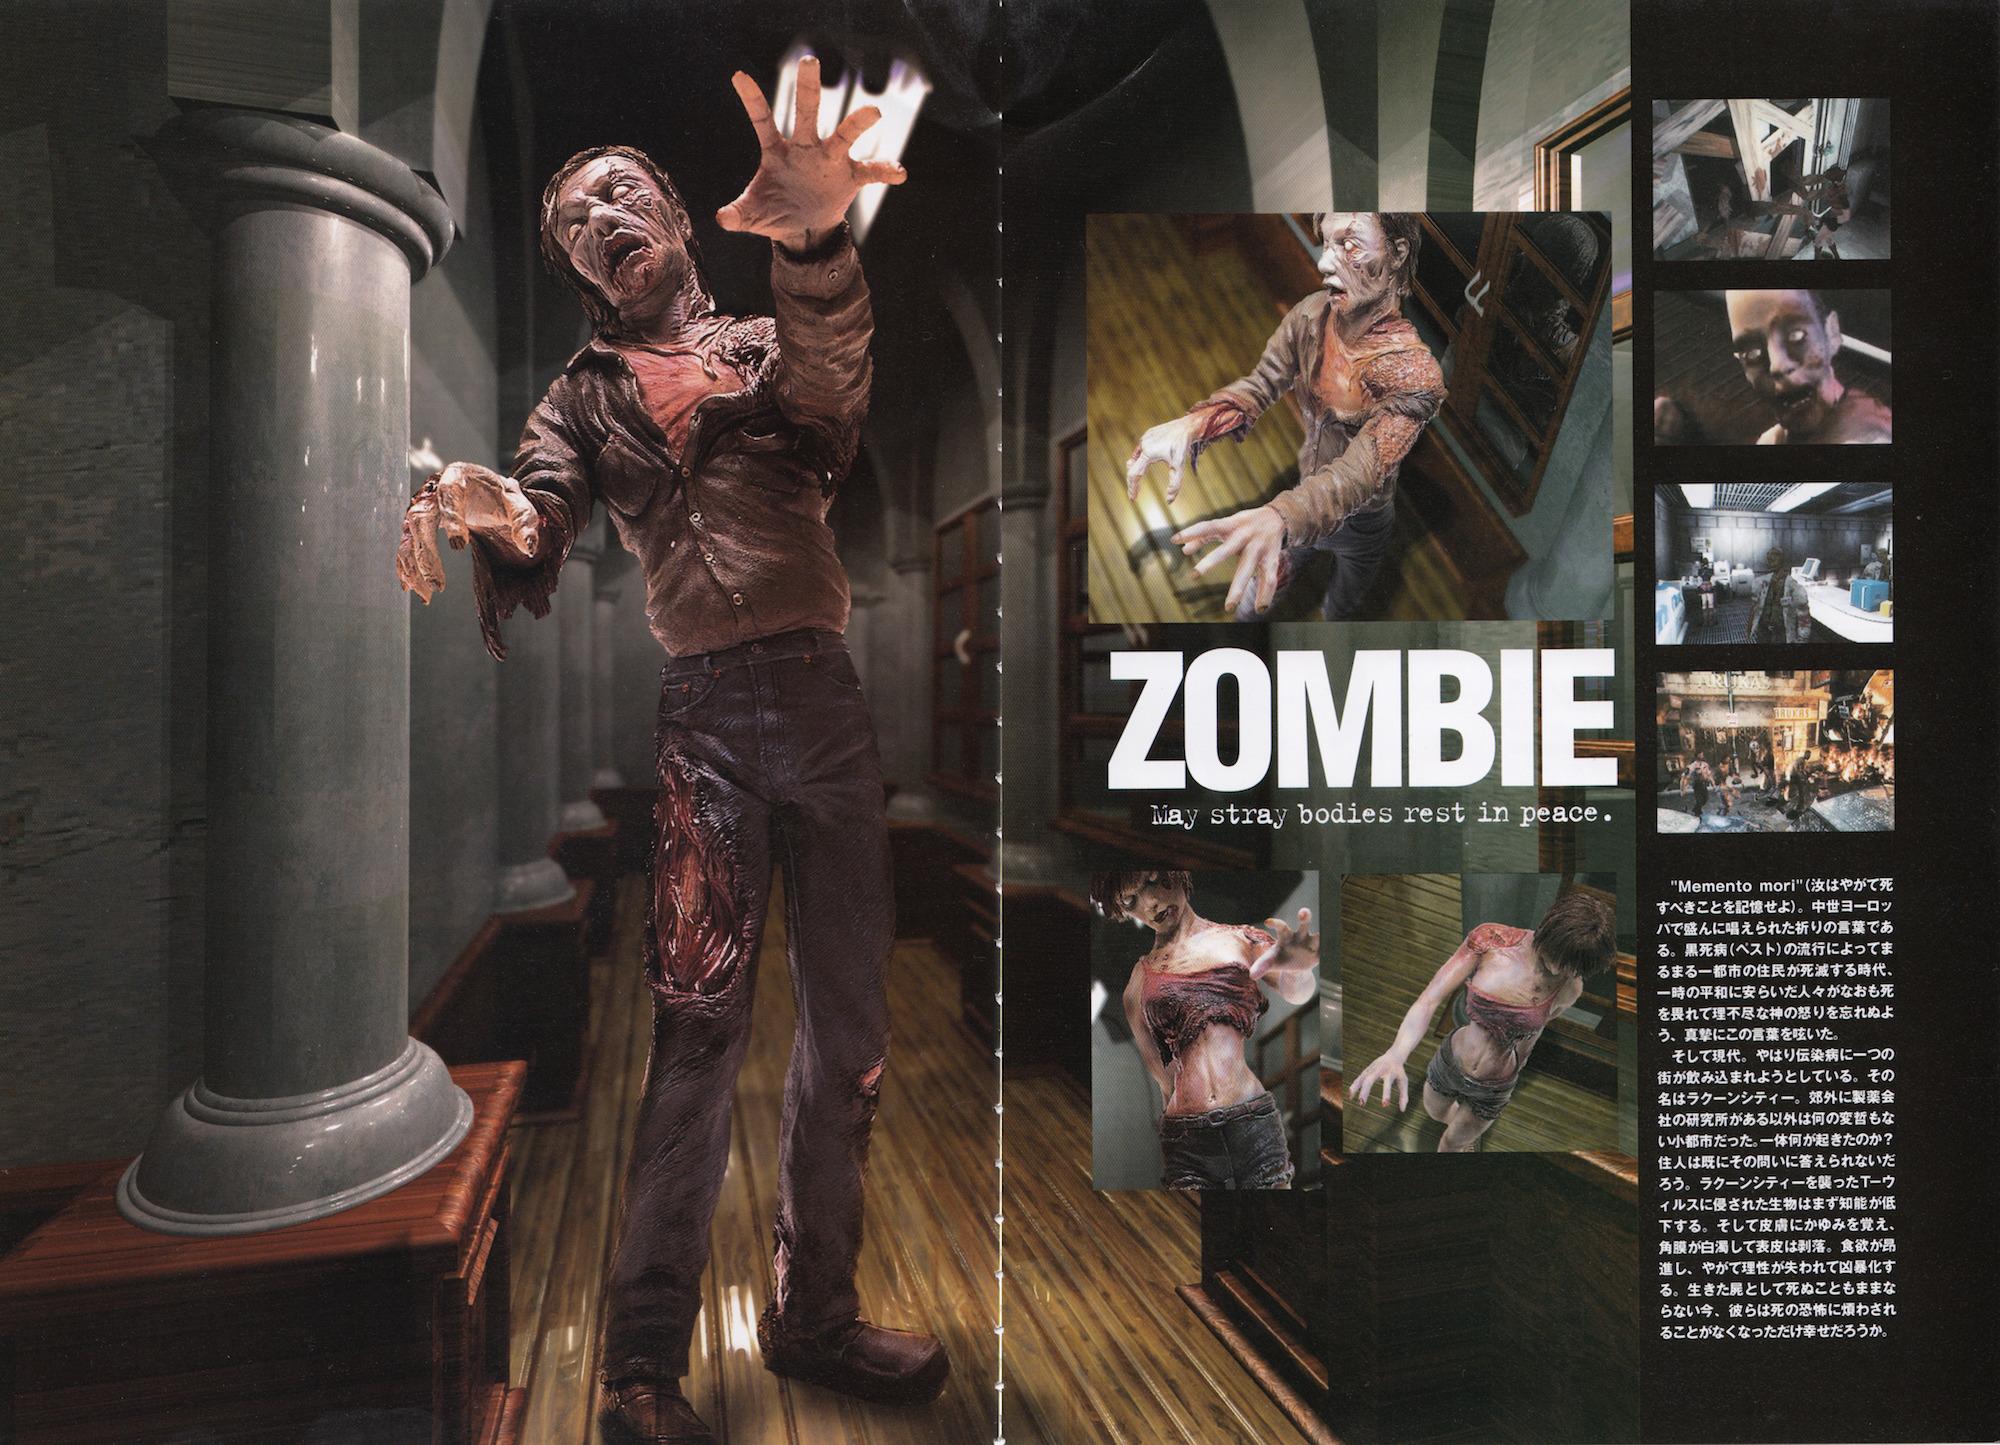 ფაილი:Zombie.jpg